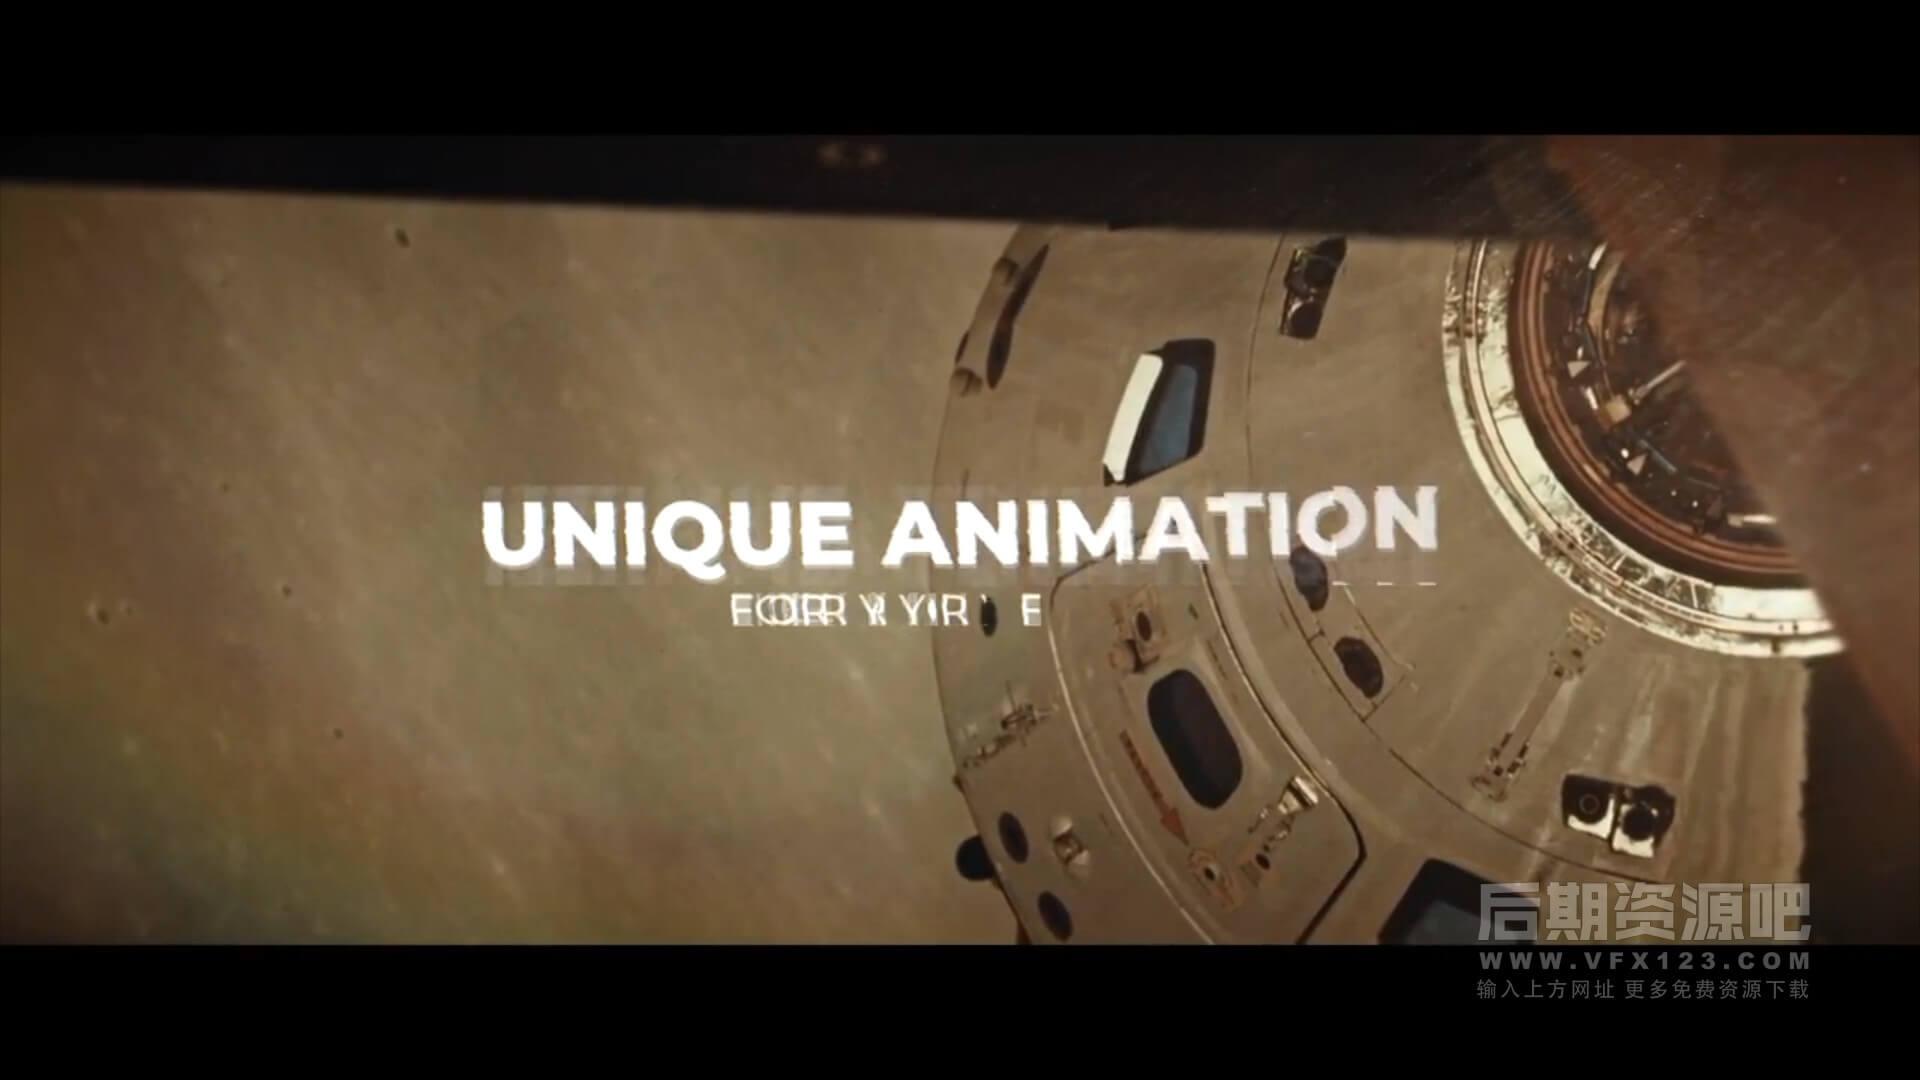 Fcpx标题动画插件 抖动变形闪烁文字效果 Motion Text Animator